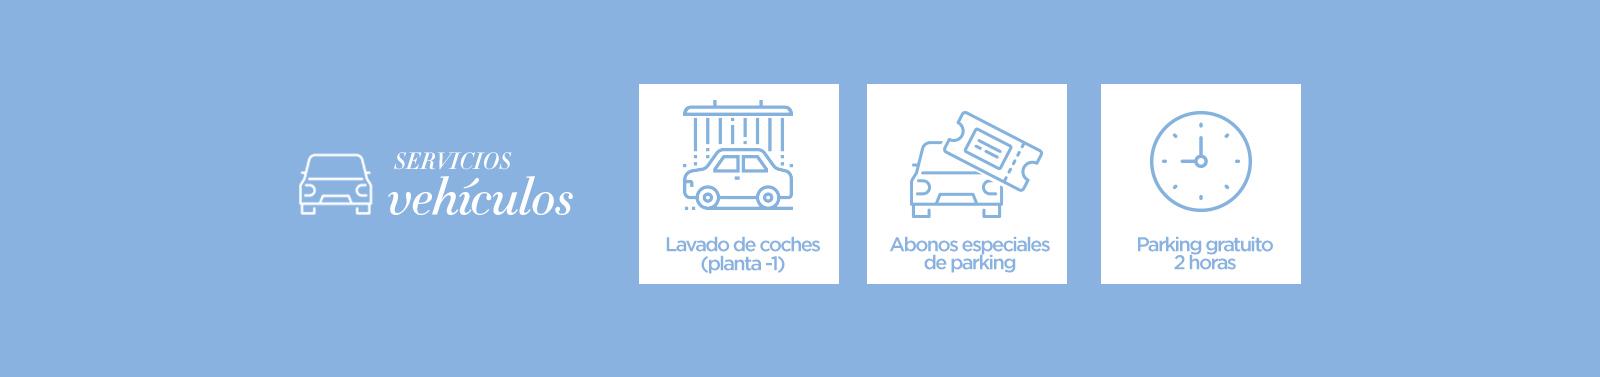 servicios vehiculo 2